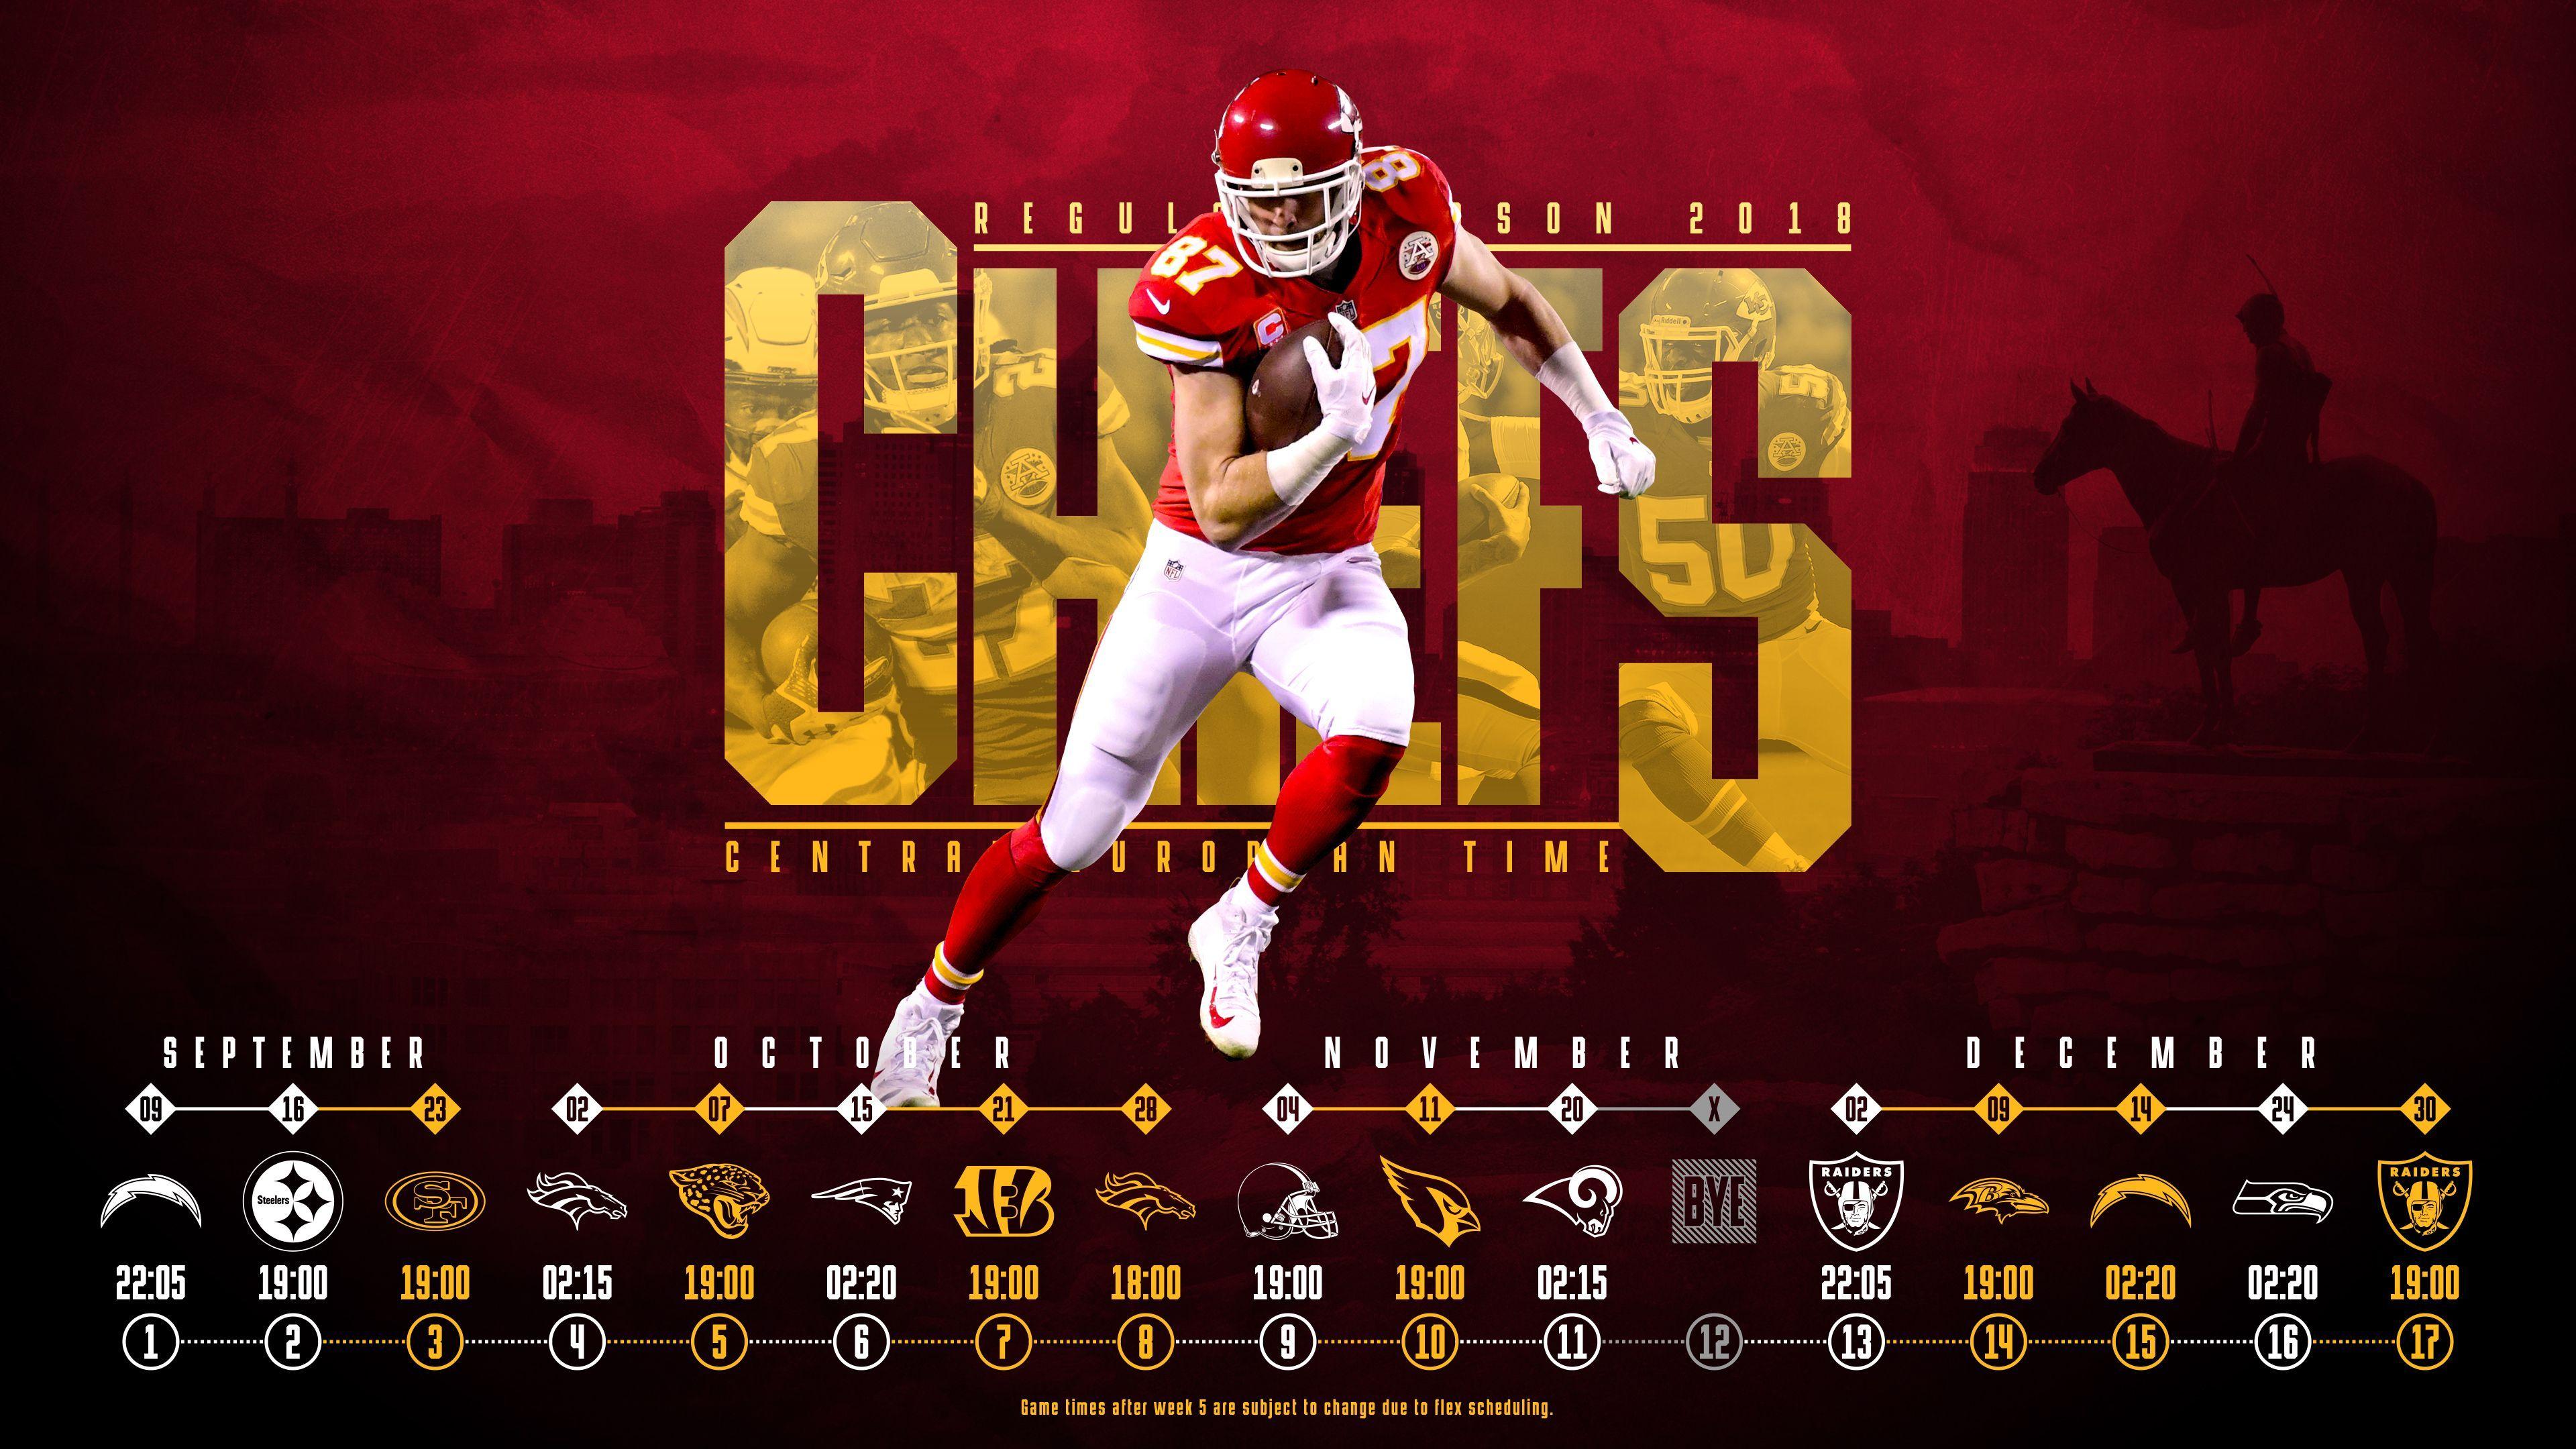 Schedule Wallpaper For The Kansas City Chiefs Regular Season 2018 Central European Time Made By Tobler Gergo Tgers Kansas City Chiefs Nfl Football Kc Chiefs